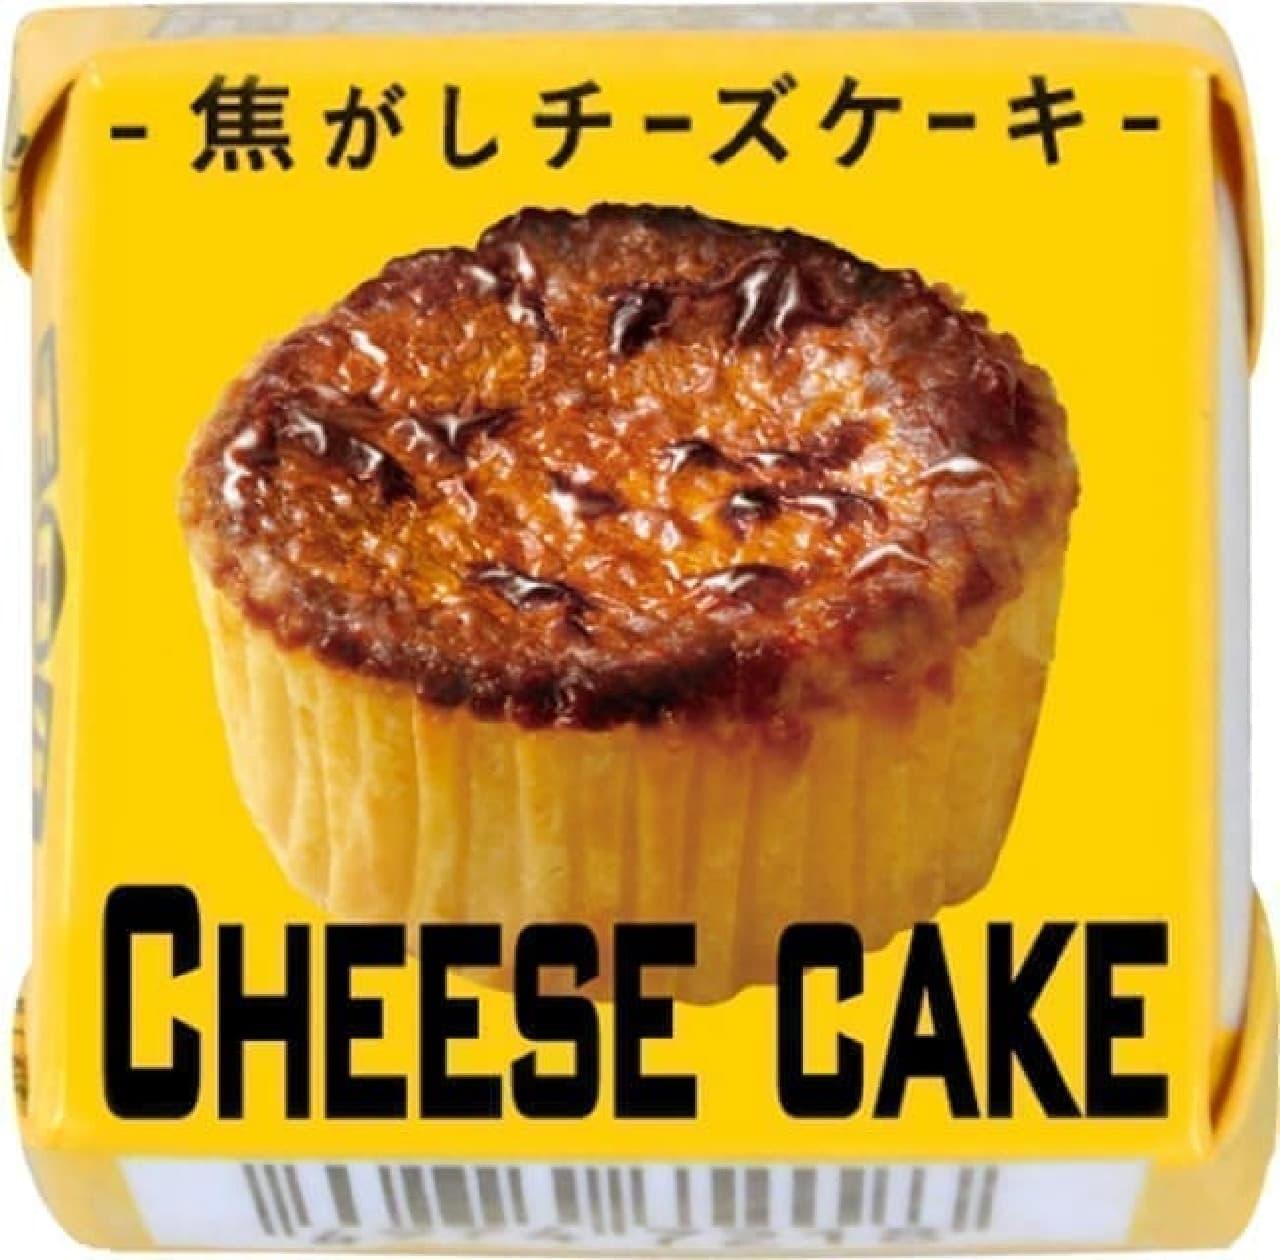 チロルチョコ焦がしチーズケーキ